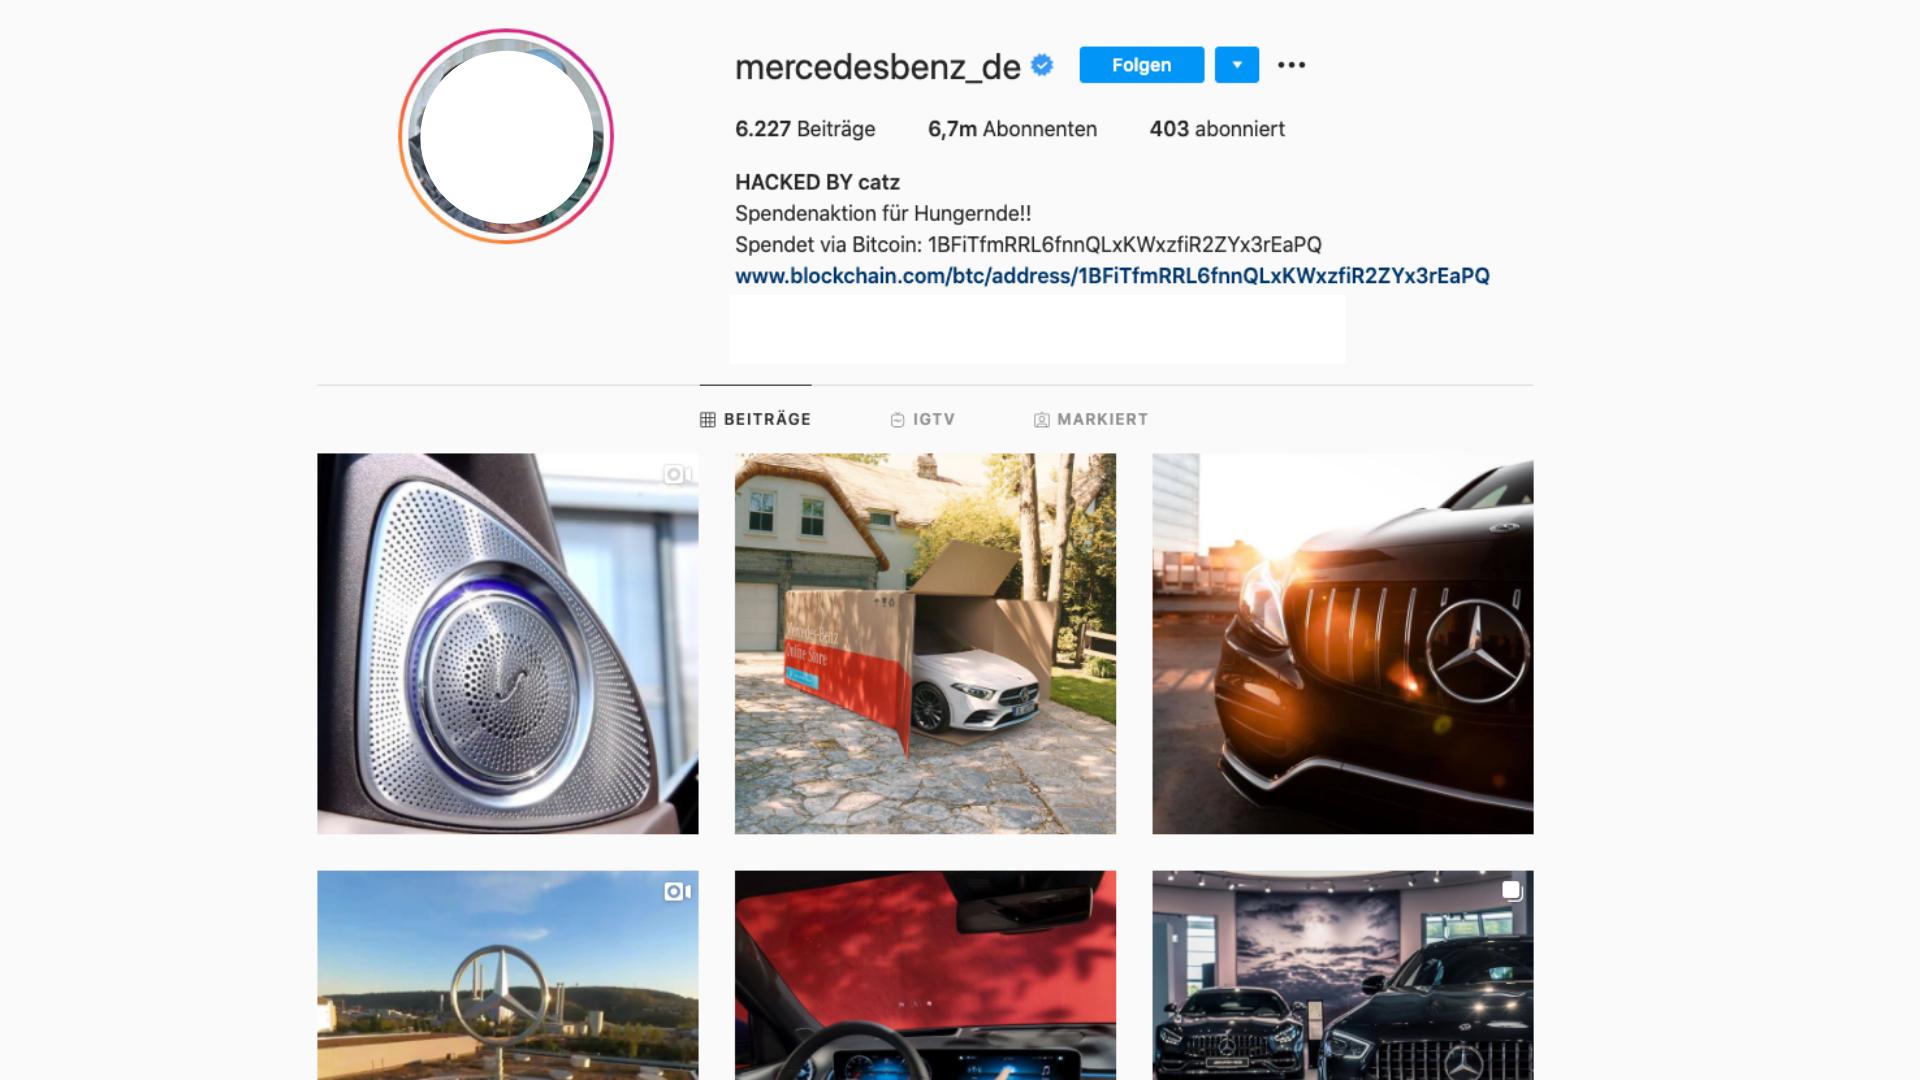 Mercedes Benz Instagram Account Gehackt